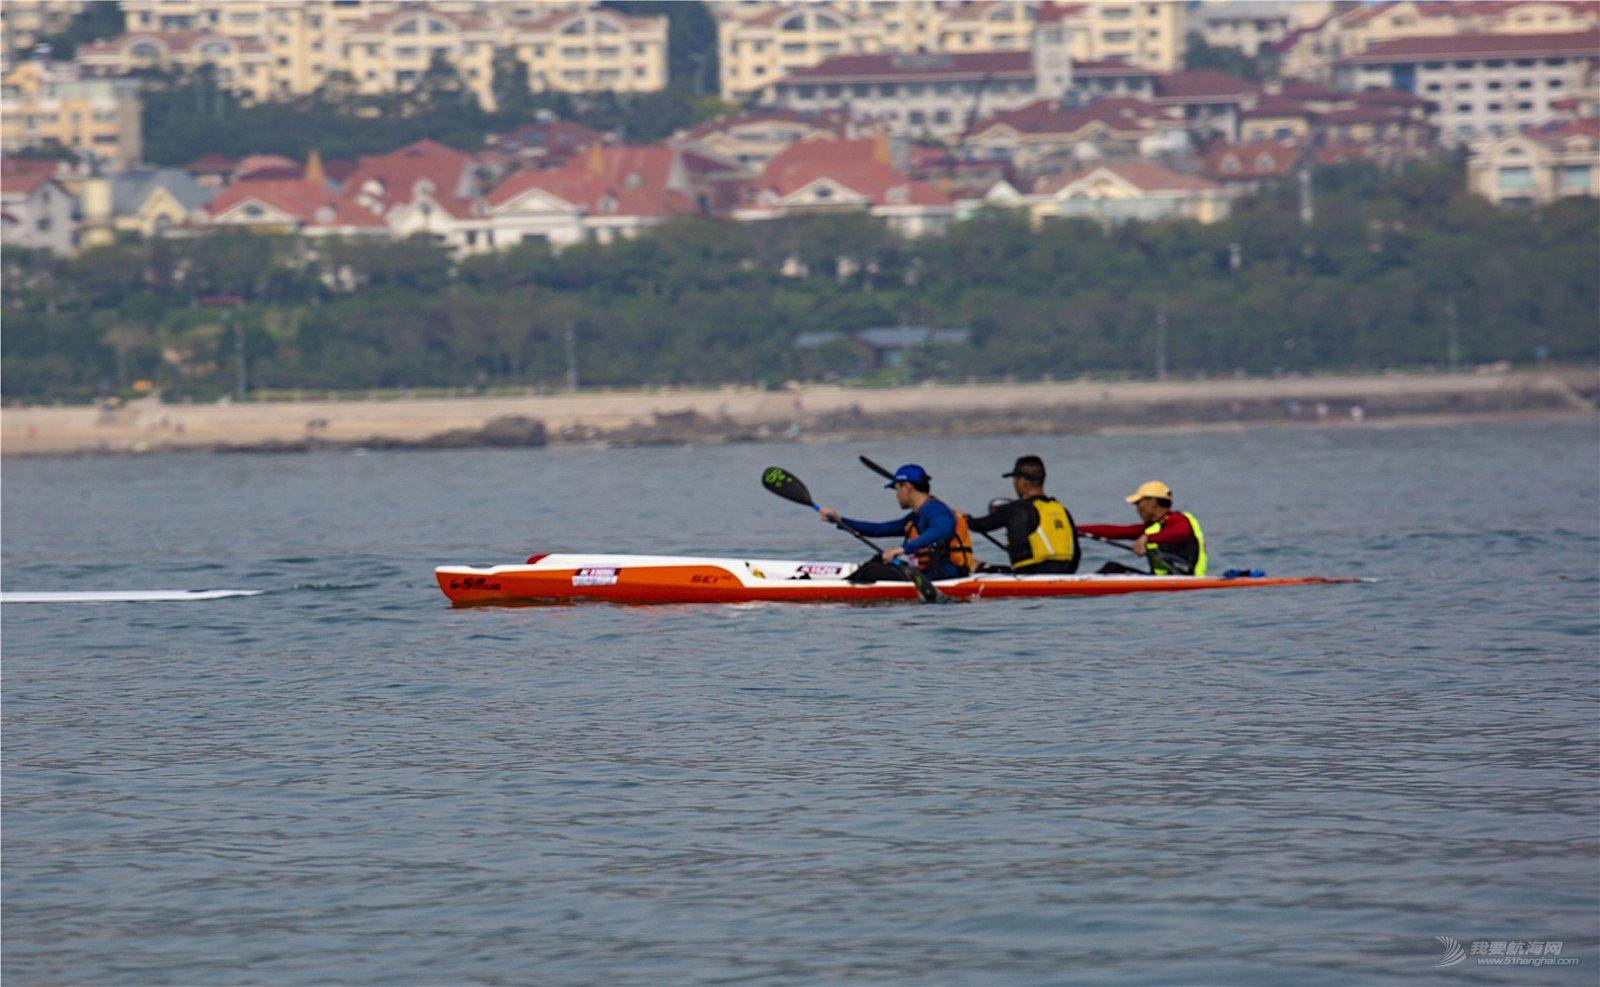 2018青岛国际皮划艇桨板竞速邀请赛在石老人浴场开赛。